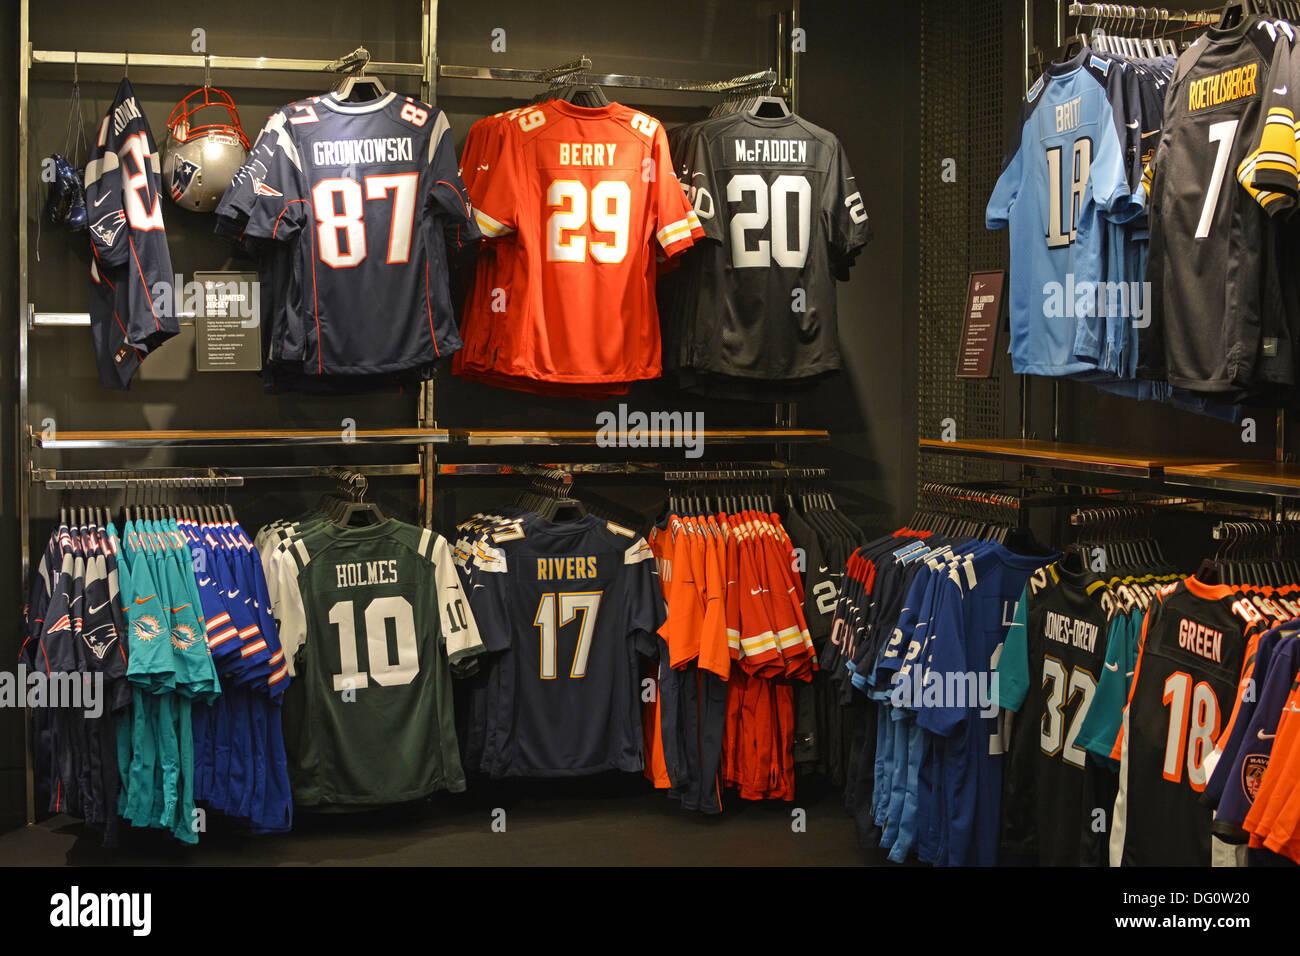 Jerseys Stock Photos & Jerseys Stock Images - Alamy